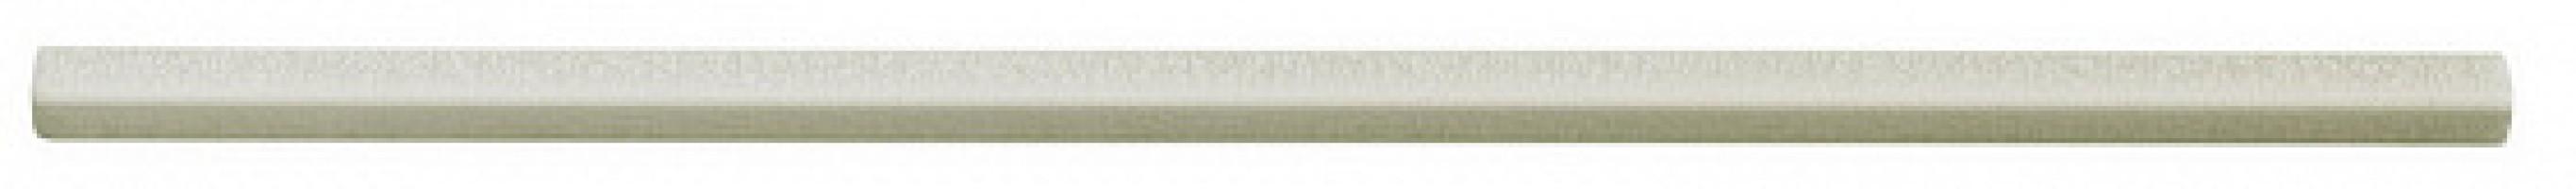 Бордюр Ocean ADOC5098 Bullnose Trim Surf Gray 0.85x22.5 Adex